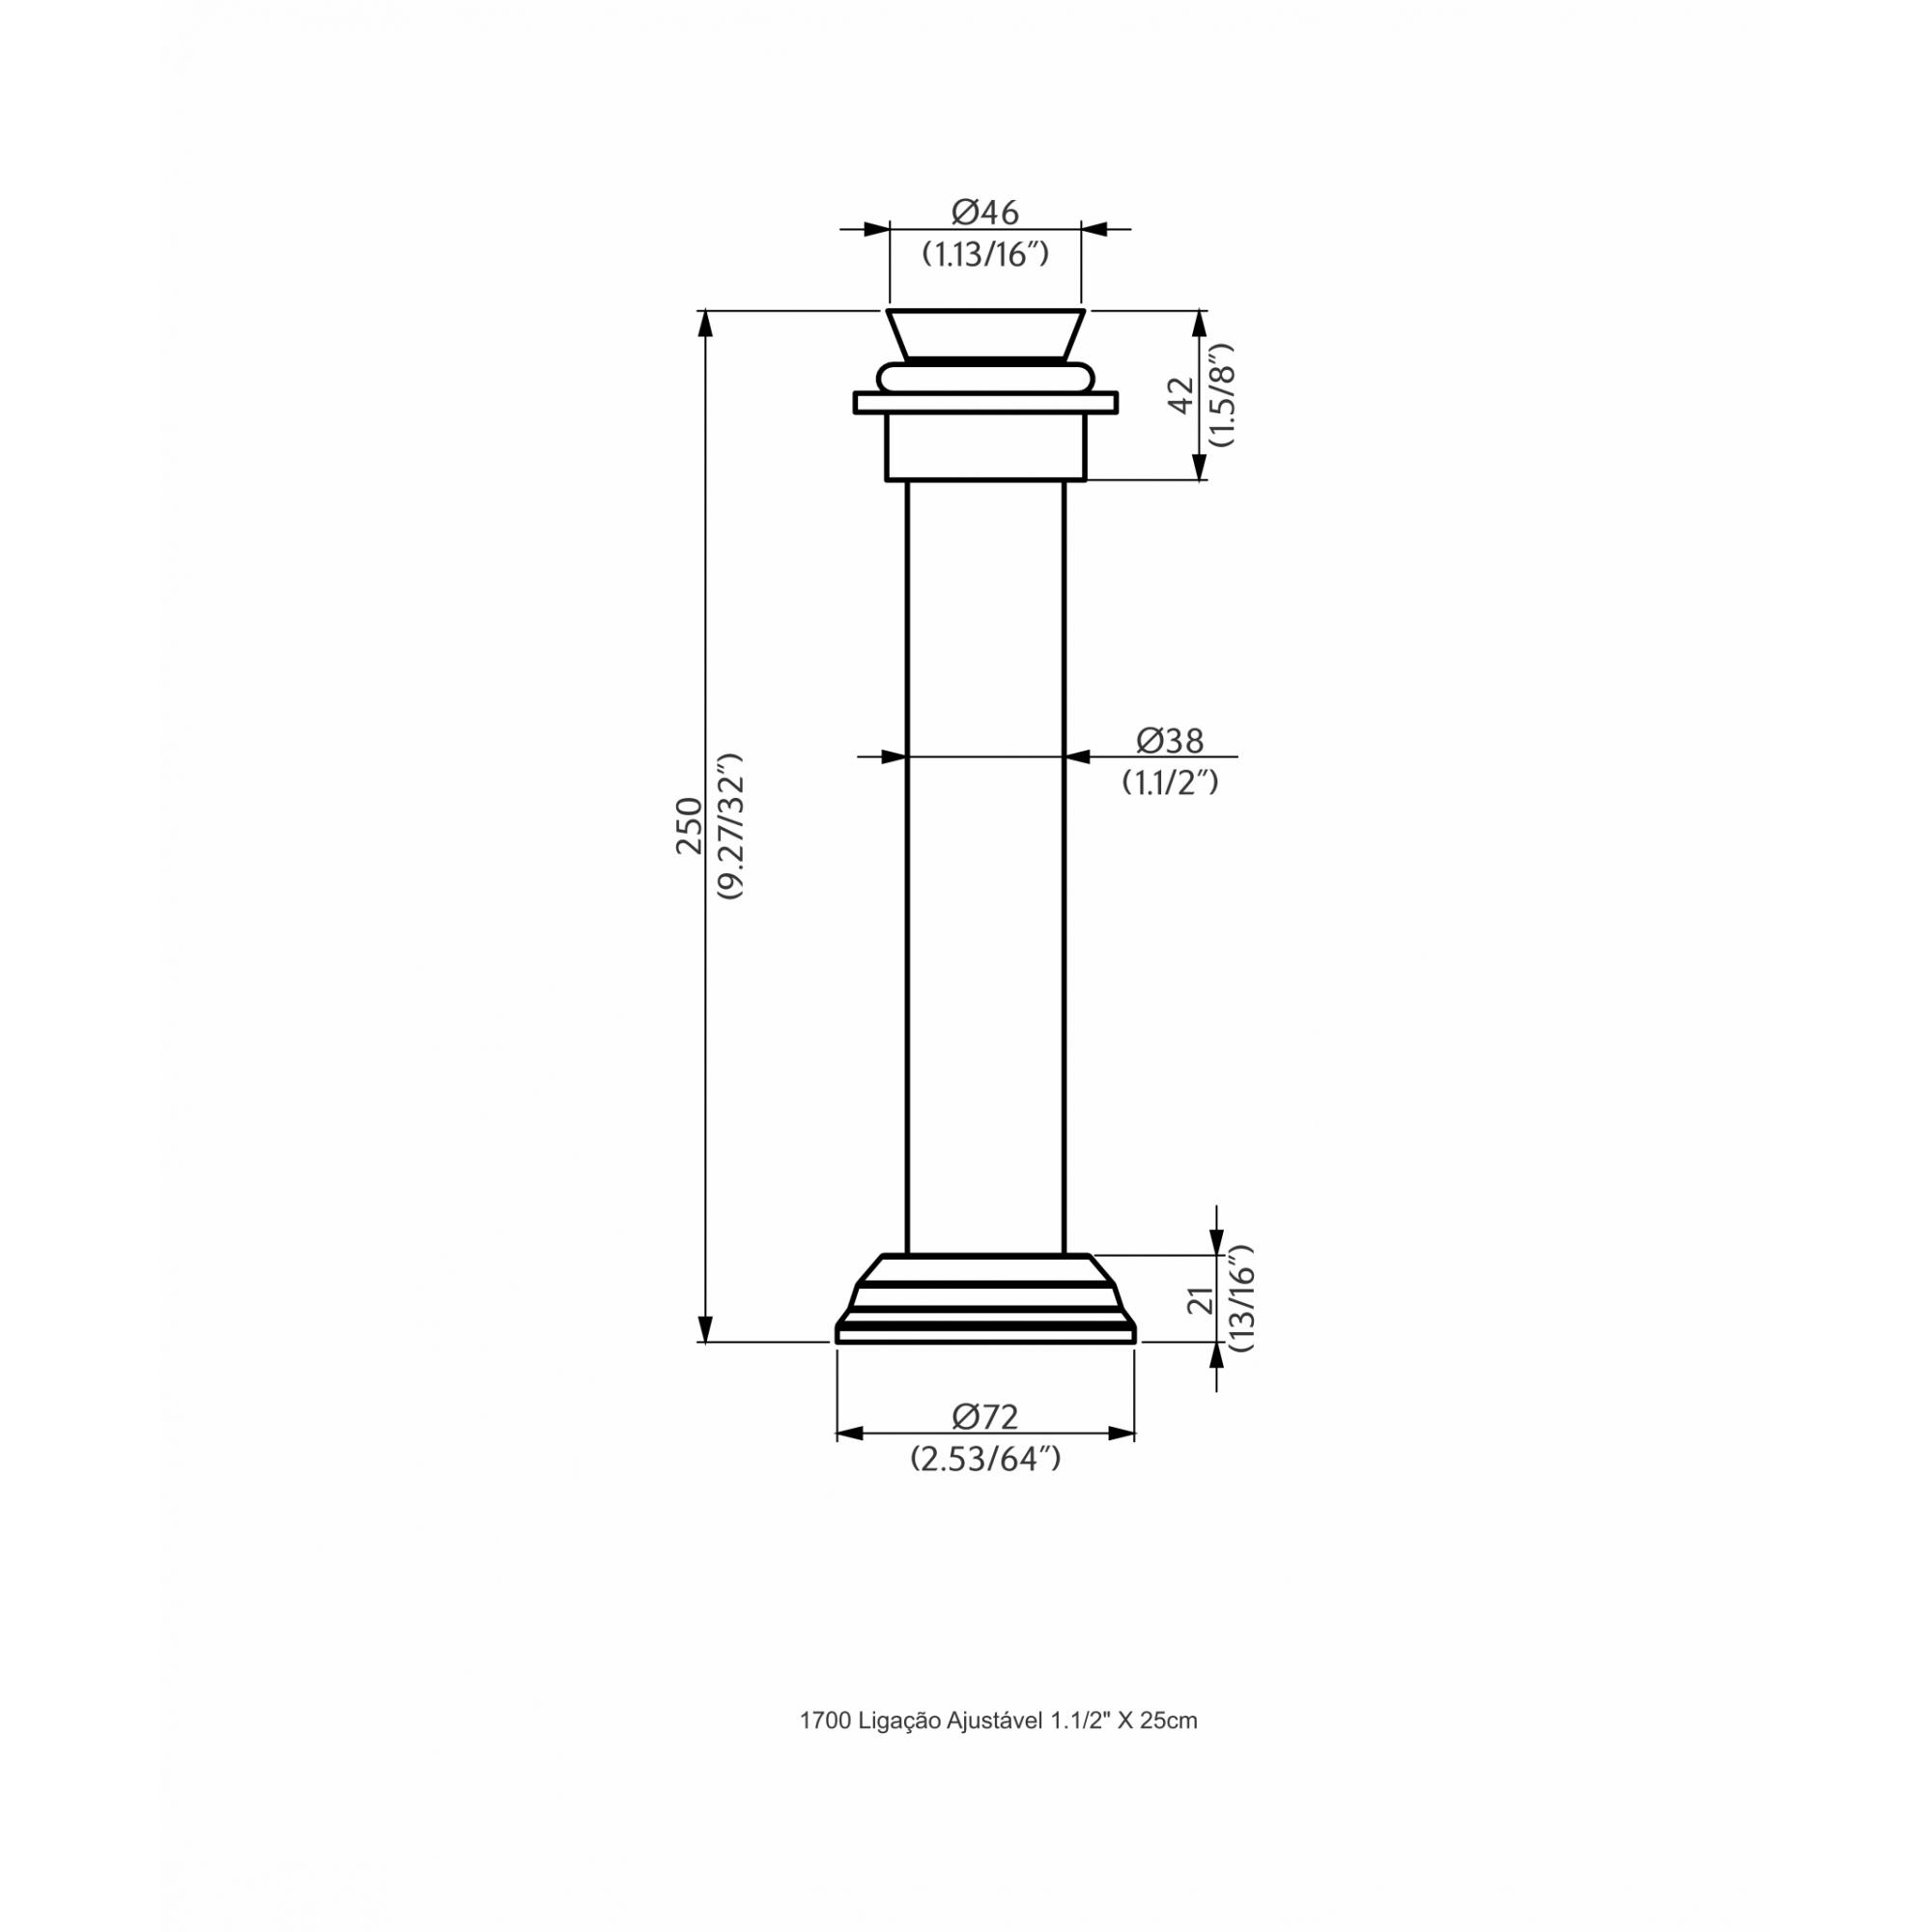 Perflex Tubo Ligação Ajust. 1.1/2X25CM